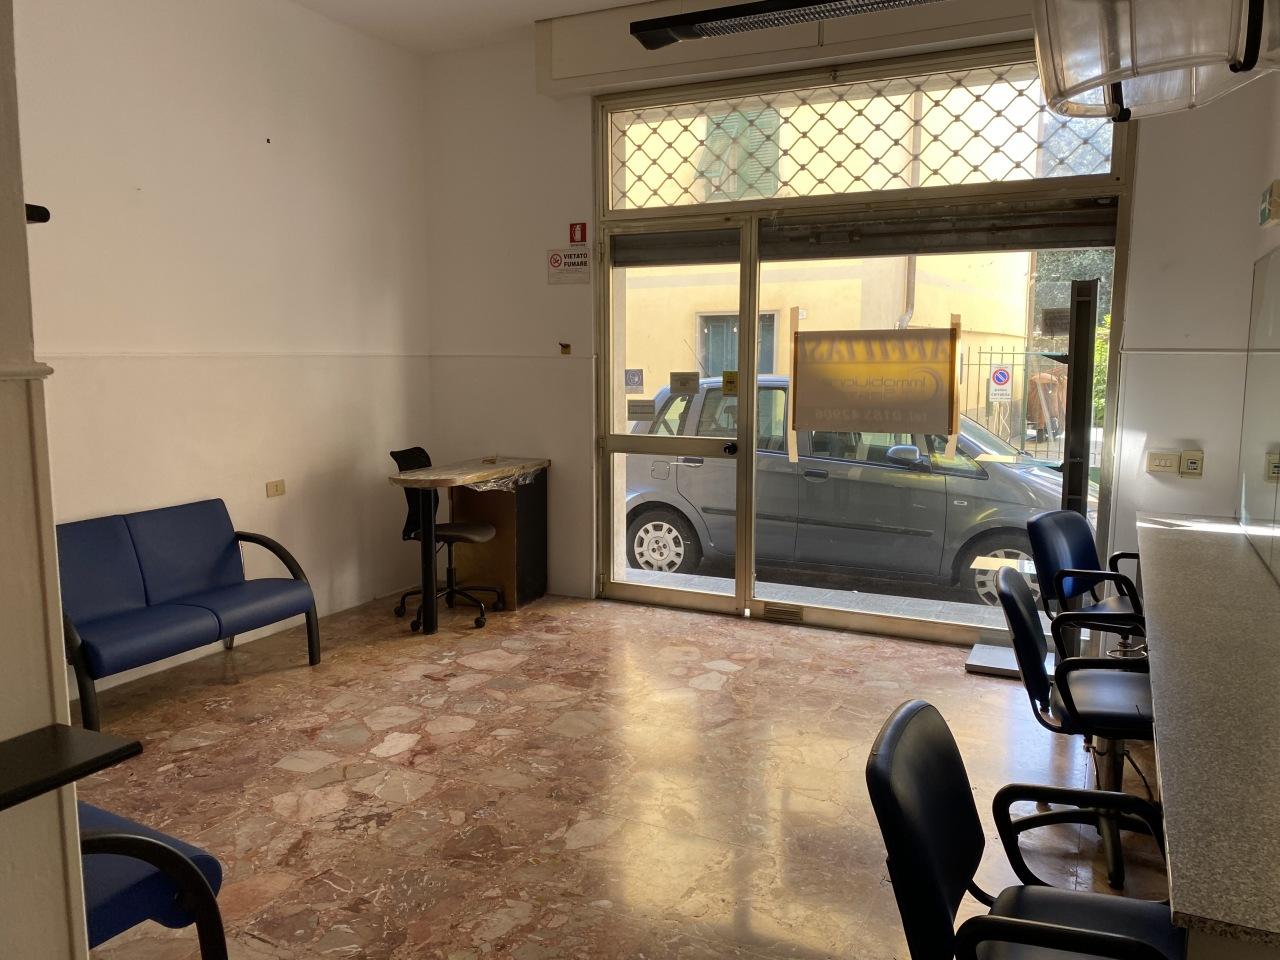 Negozio / Locale in vendita a Chiavari, 1 locali, prezzo € 120.000 | CambioCasa.it